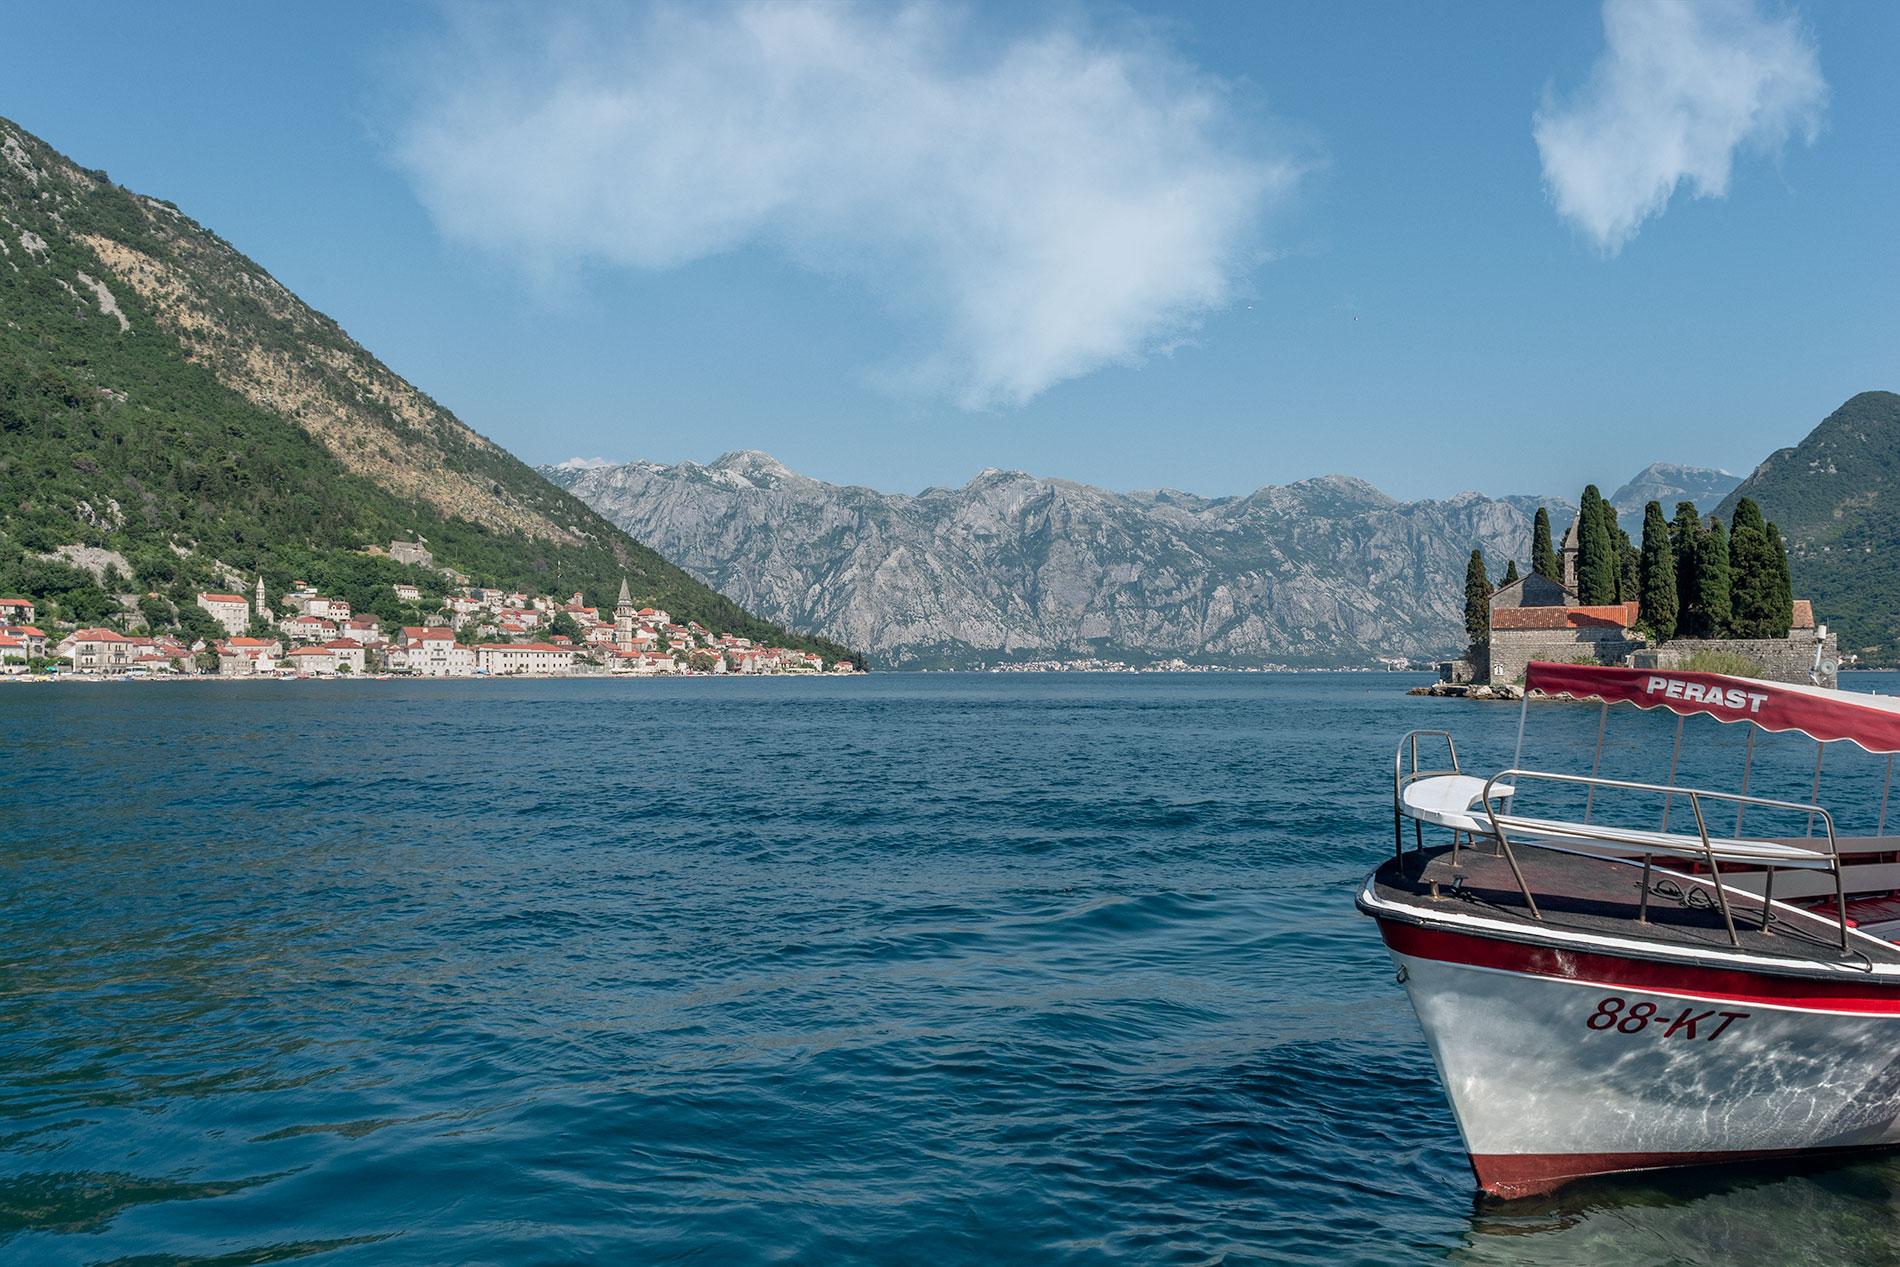 Um barco nas ilhas únicas localizadas na Baía de Kotor perto de Perast